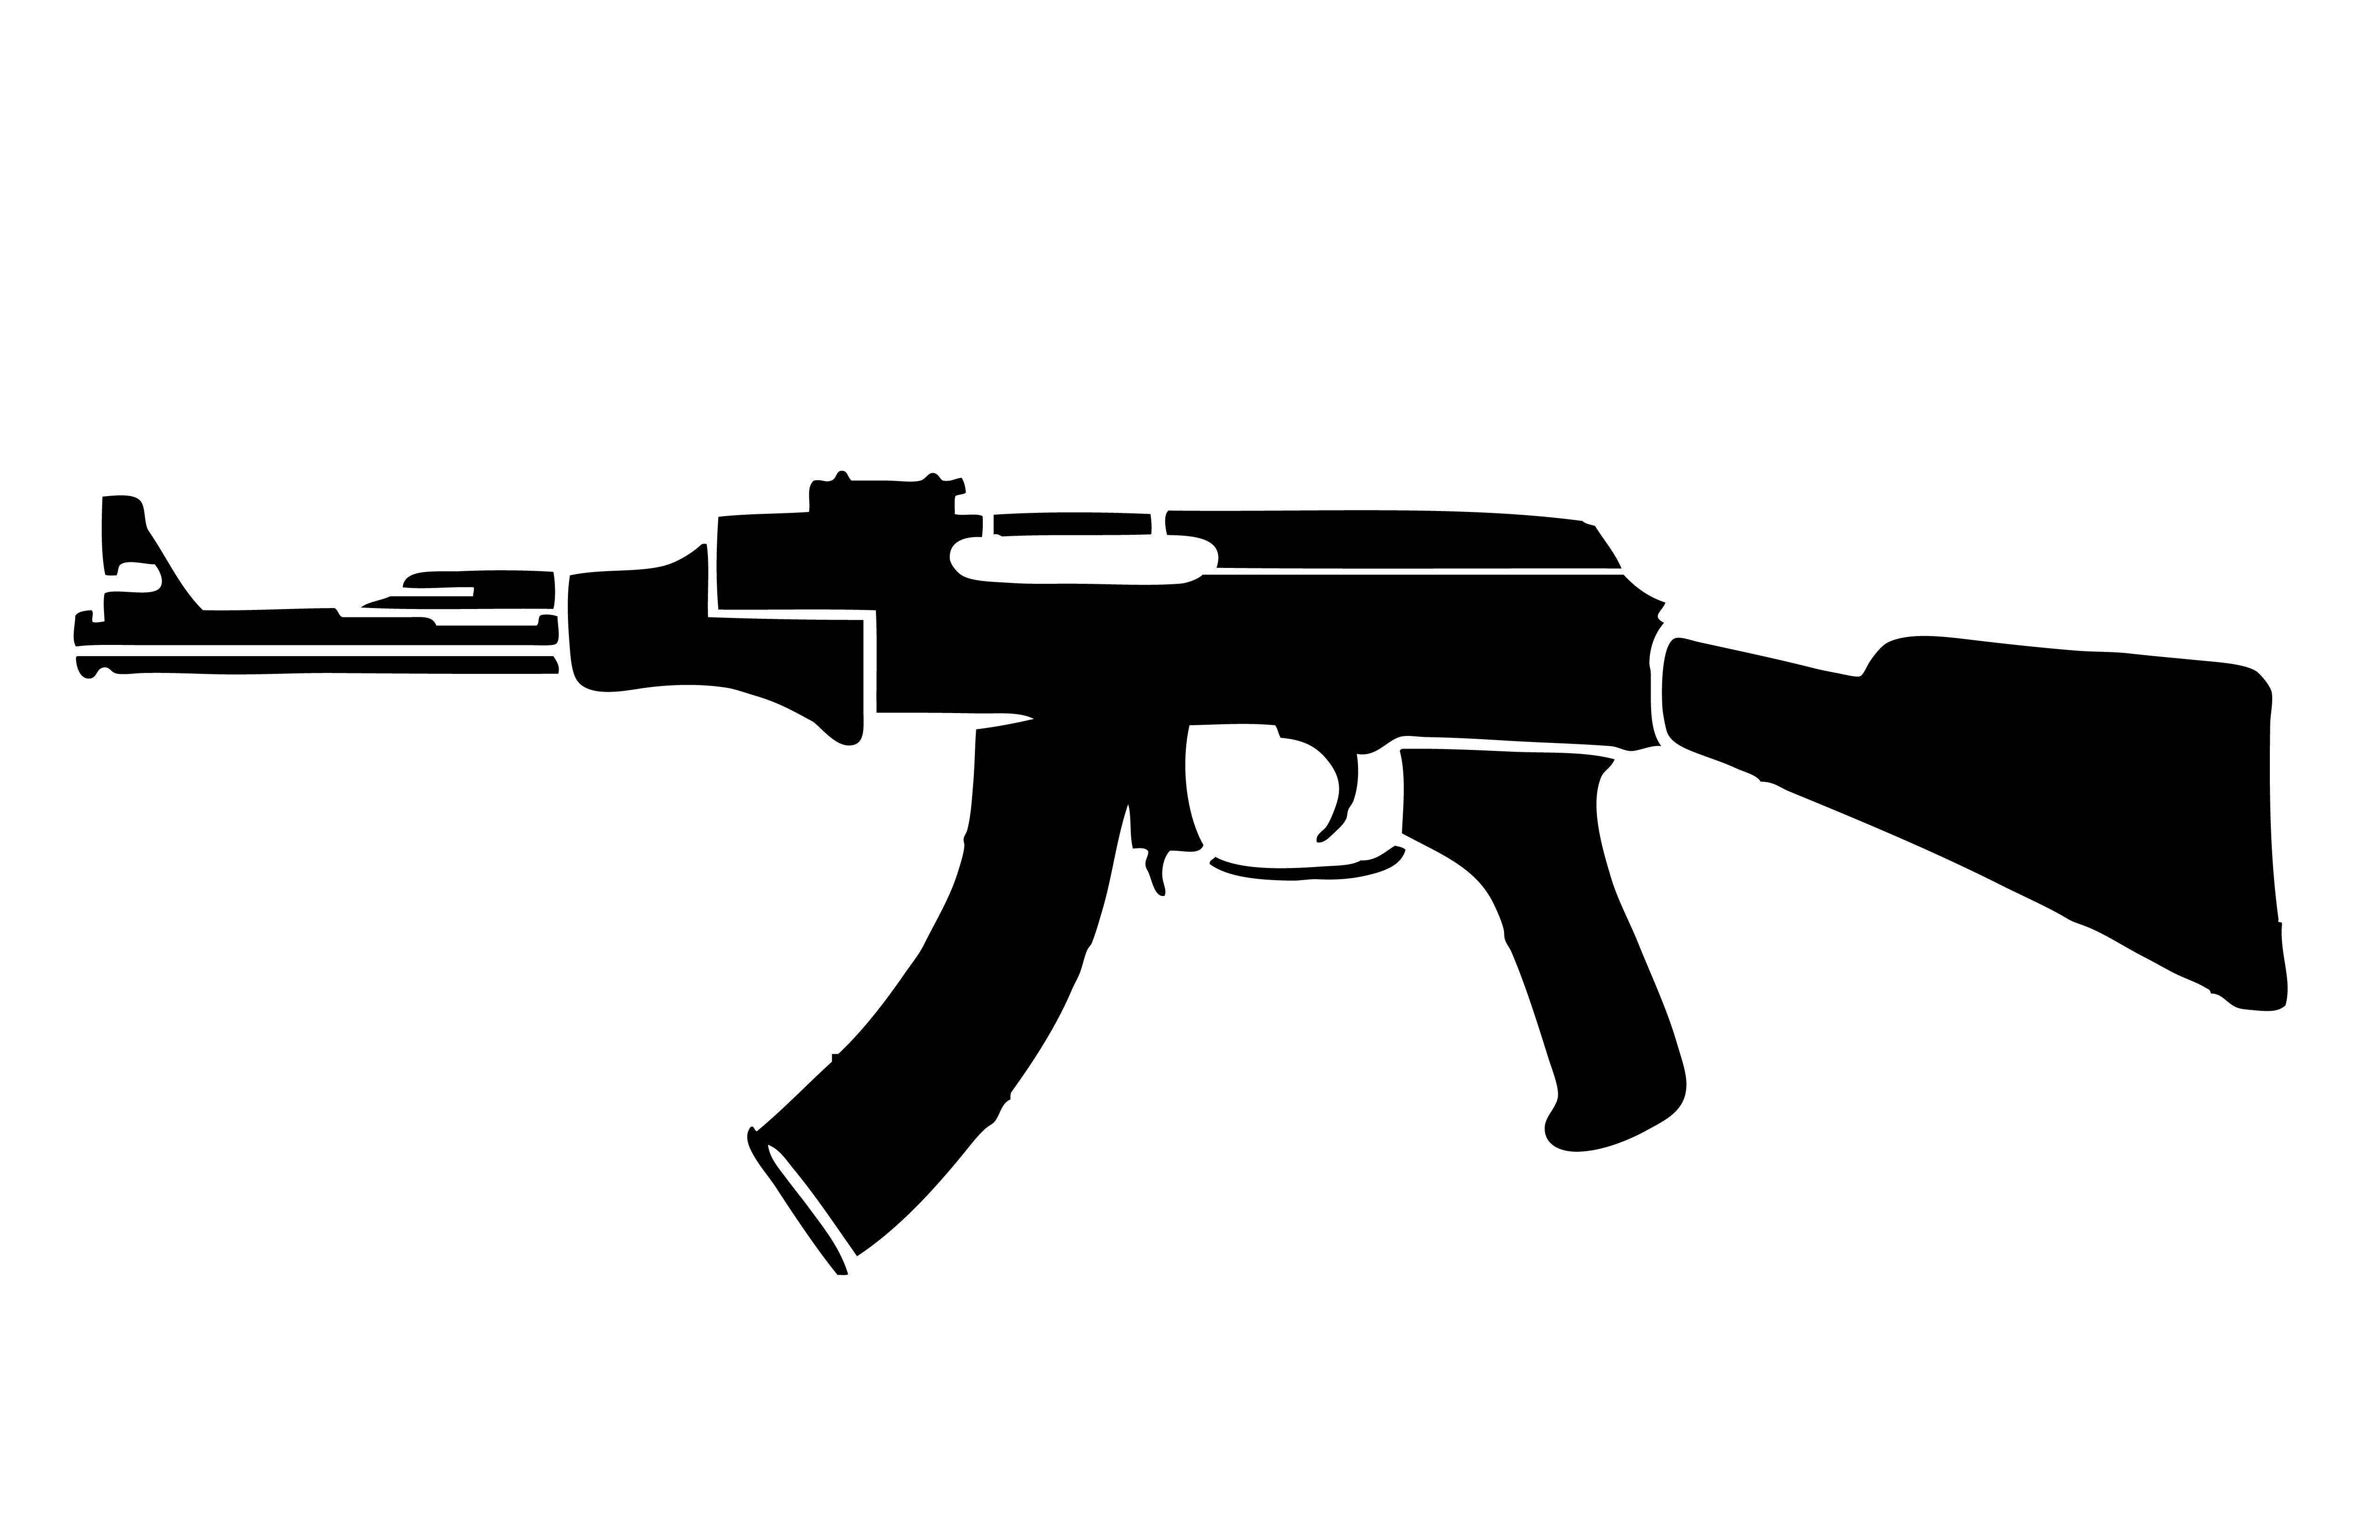 Free ak cliparts download. Gun clipart ak47